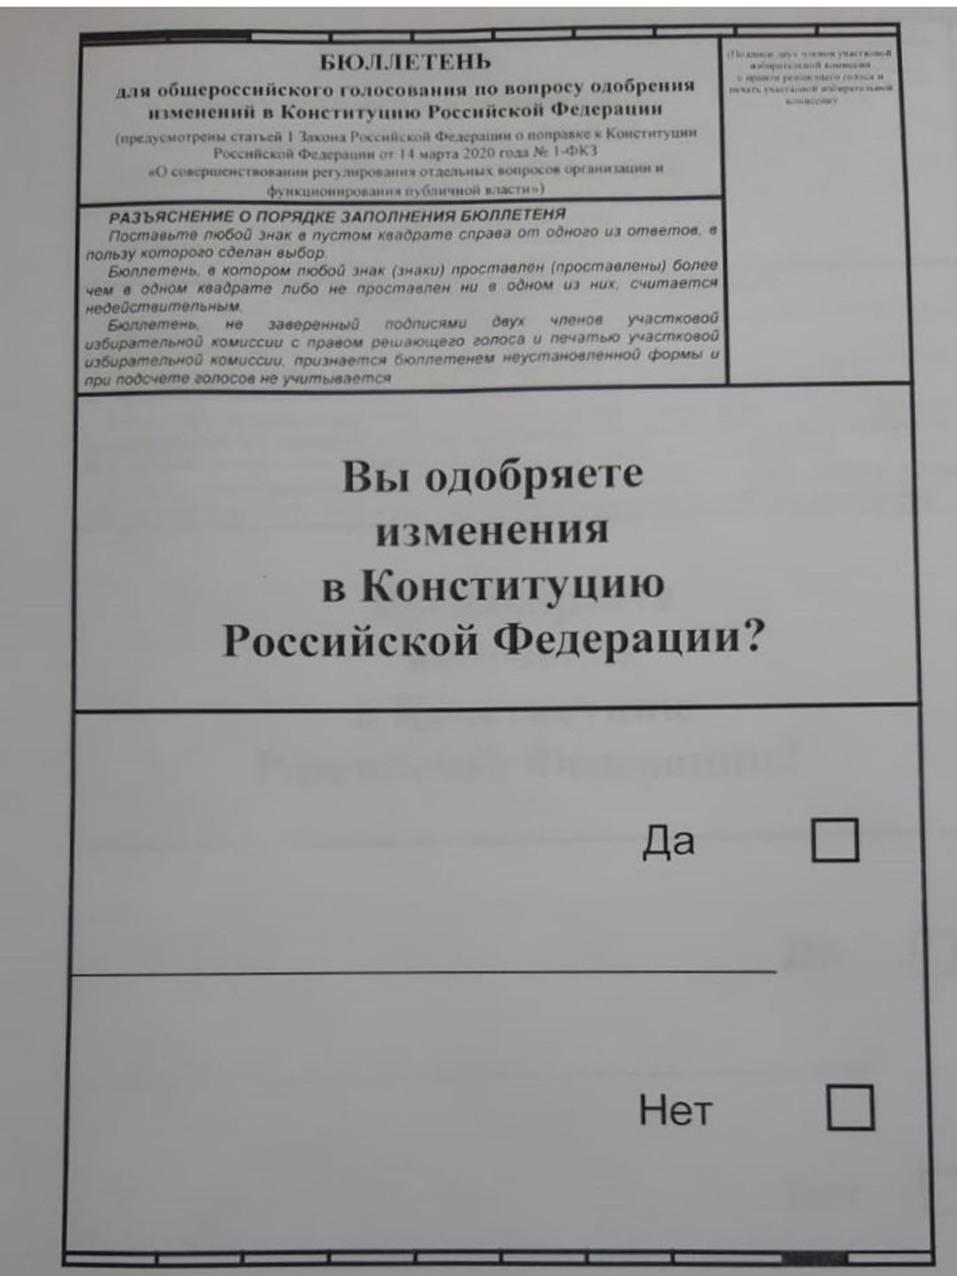 Бюллетени для голосования по поправкам в Конституцию отпечатаны в Красноярске   1